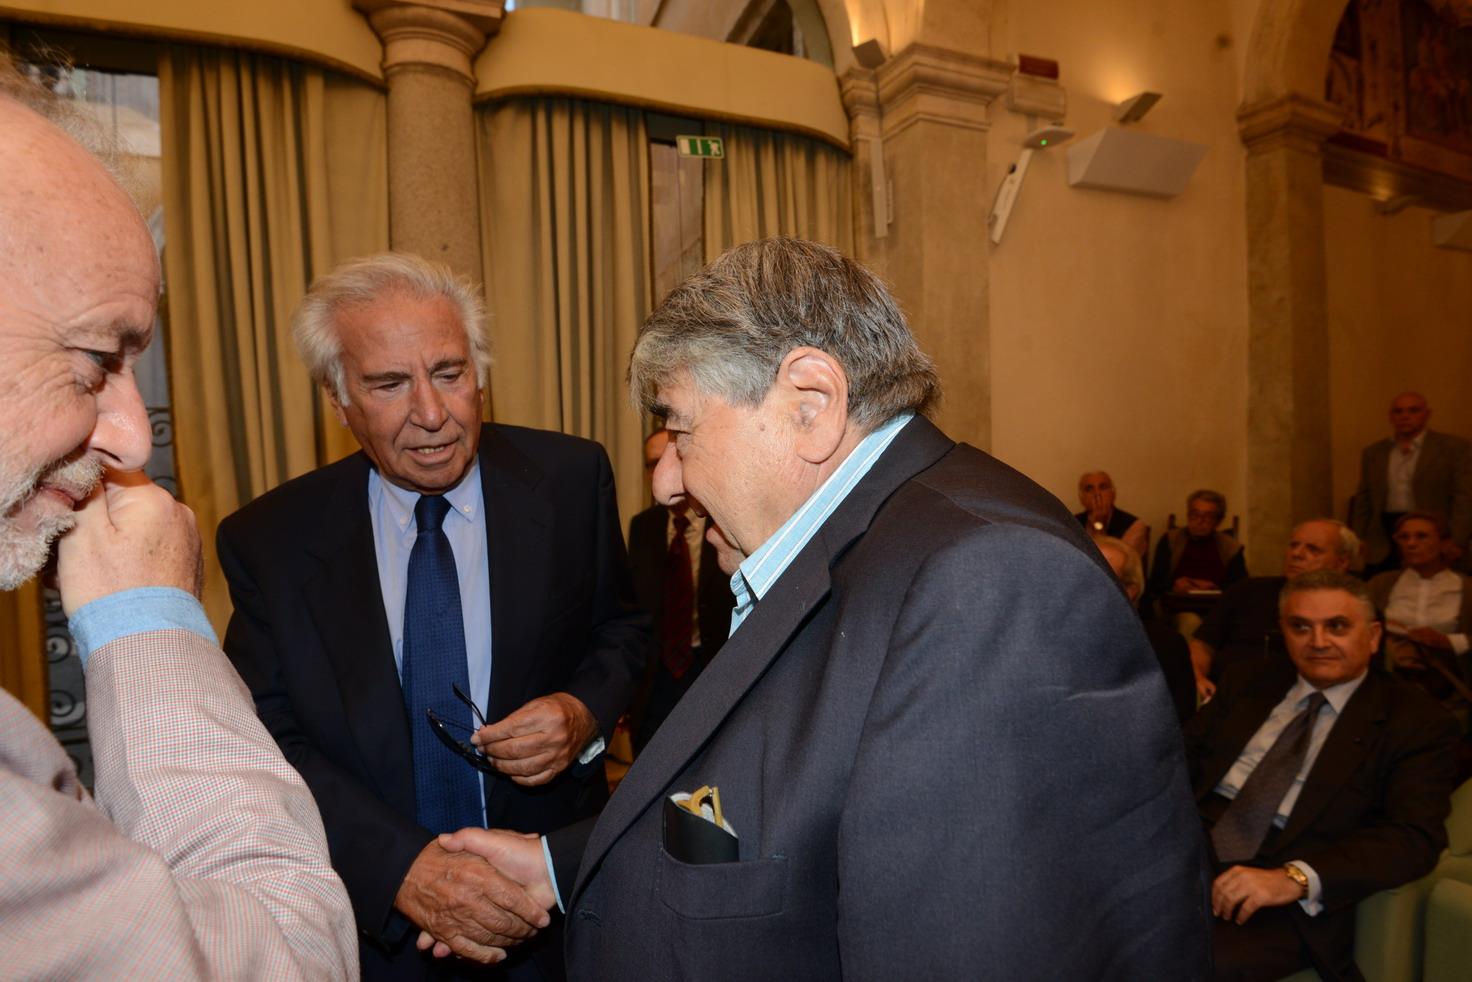 Claudio Signorile Luigi Covatta